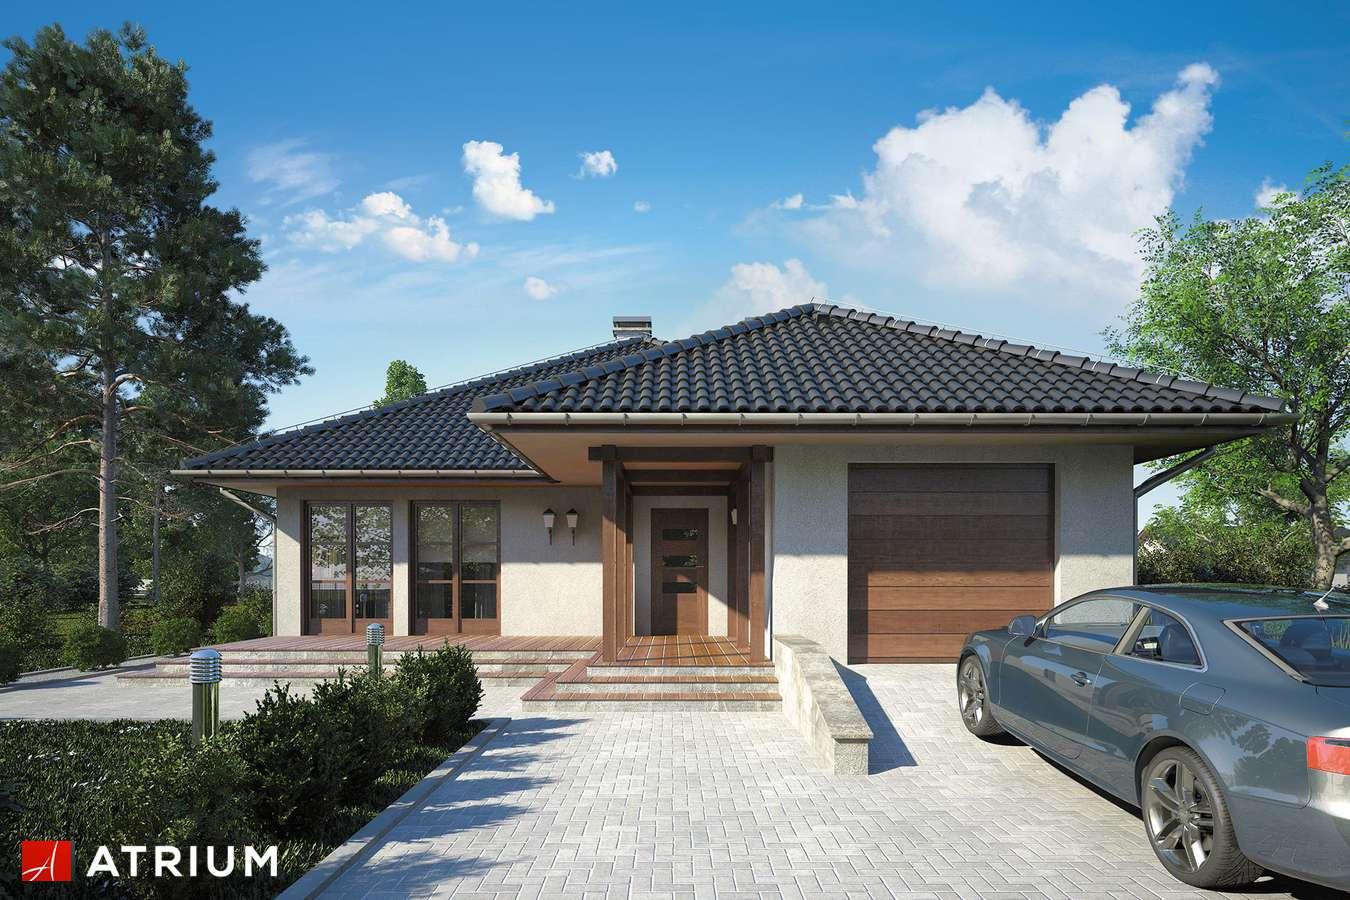 Projekty domów - Projekt domu parterowego FLORYDA - wizualizacja 1 - wersja lustrzana